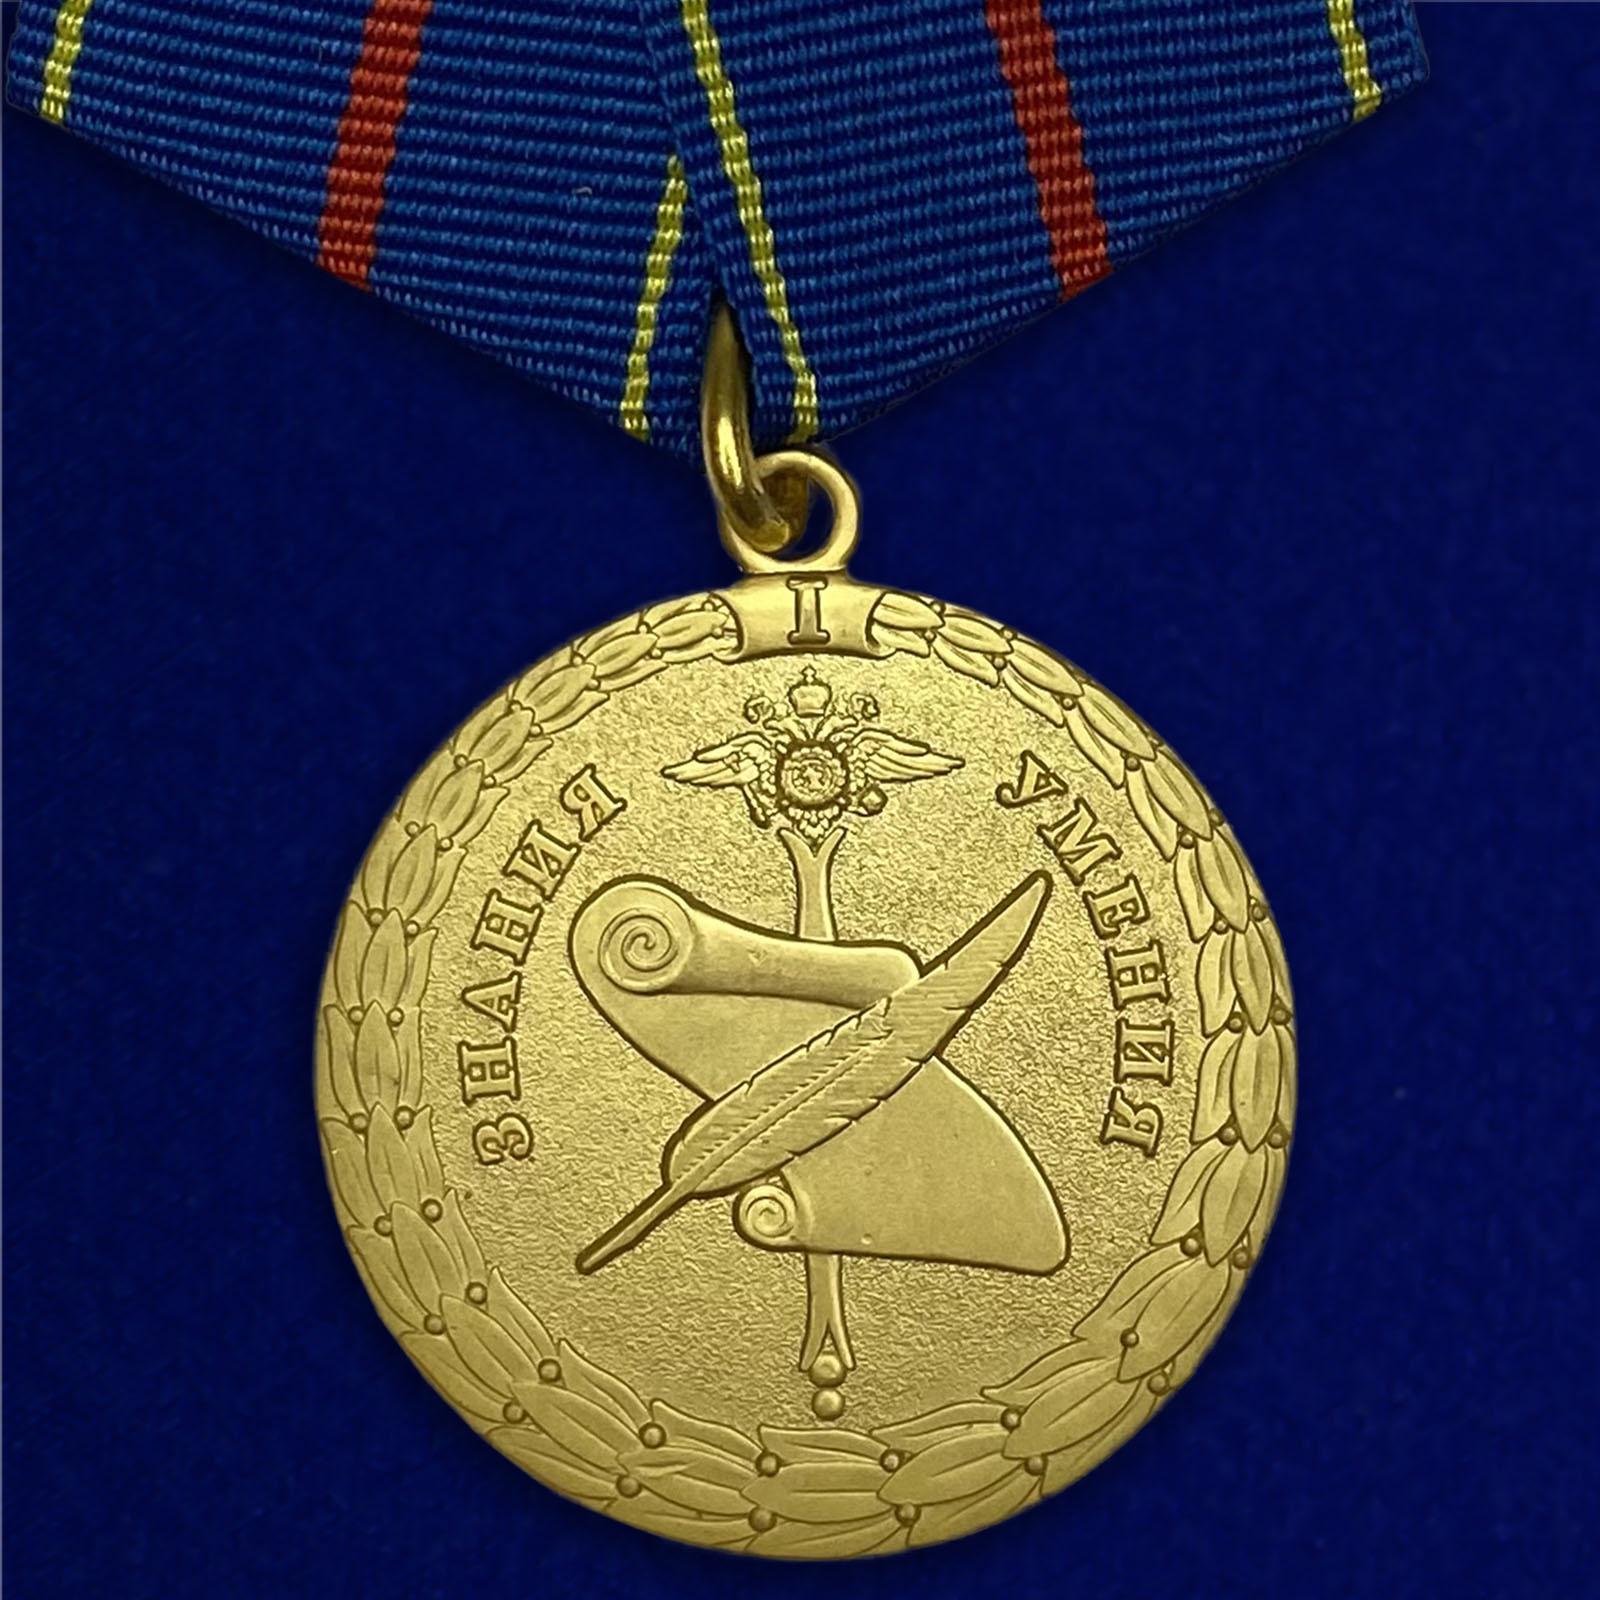 Купить медаль За заслуги в управленческой деятельности МВД РФ 1 степени на подставке выгодно